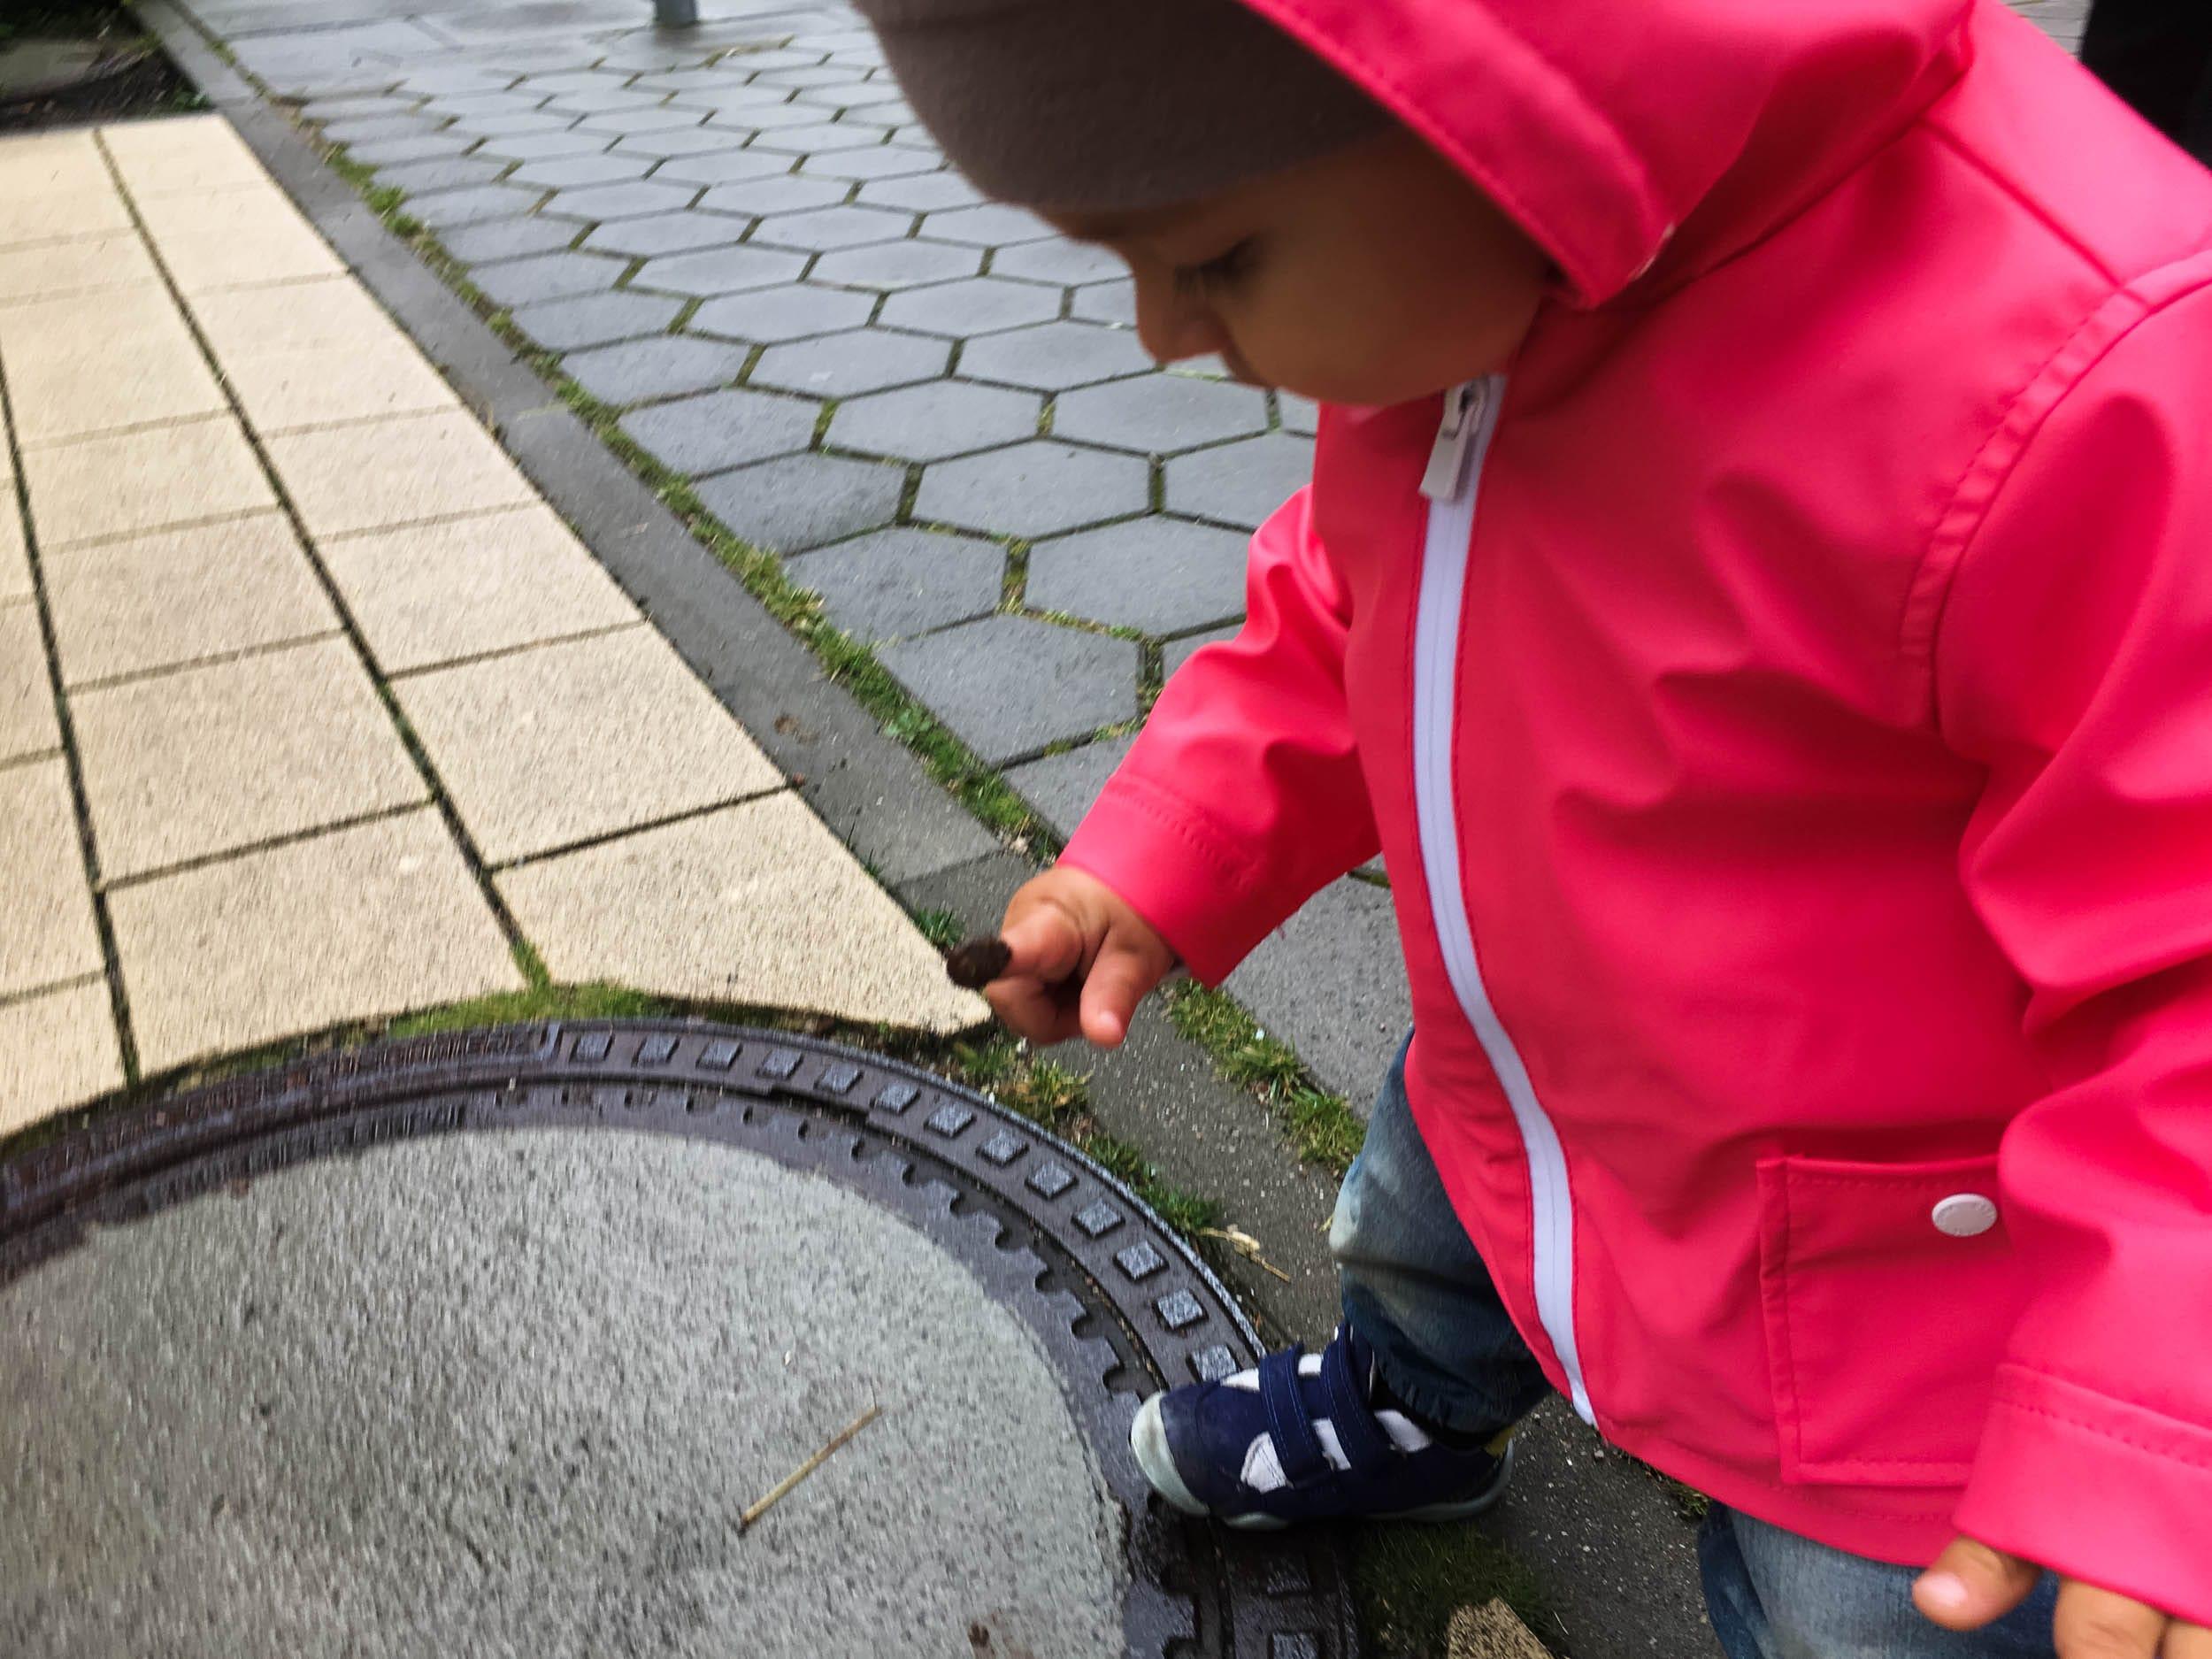 Wochenende in Bildern | Leben mit Kind | Alltag | Kleiner Entdecker | Matsch | Regen | Spaziergang | ivy.li